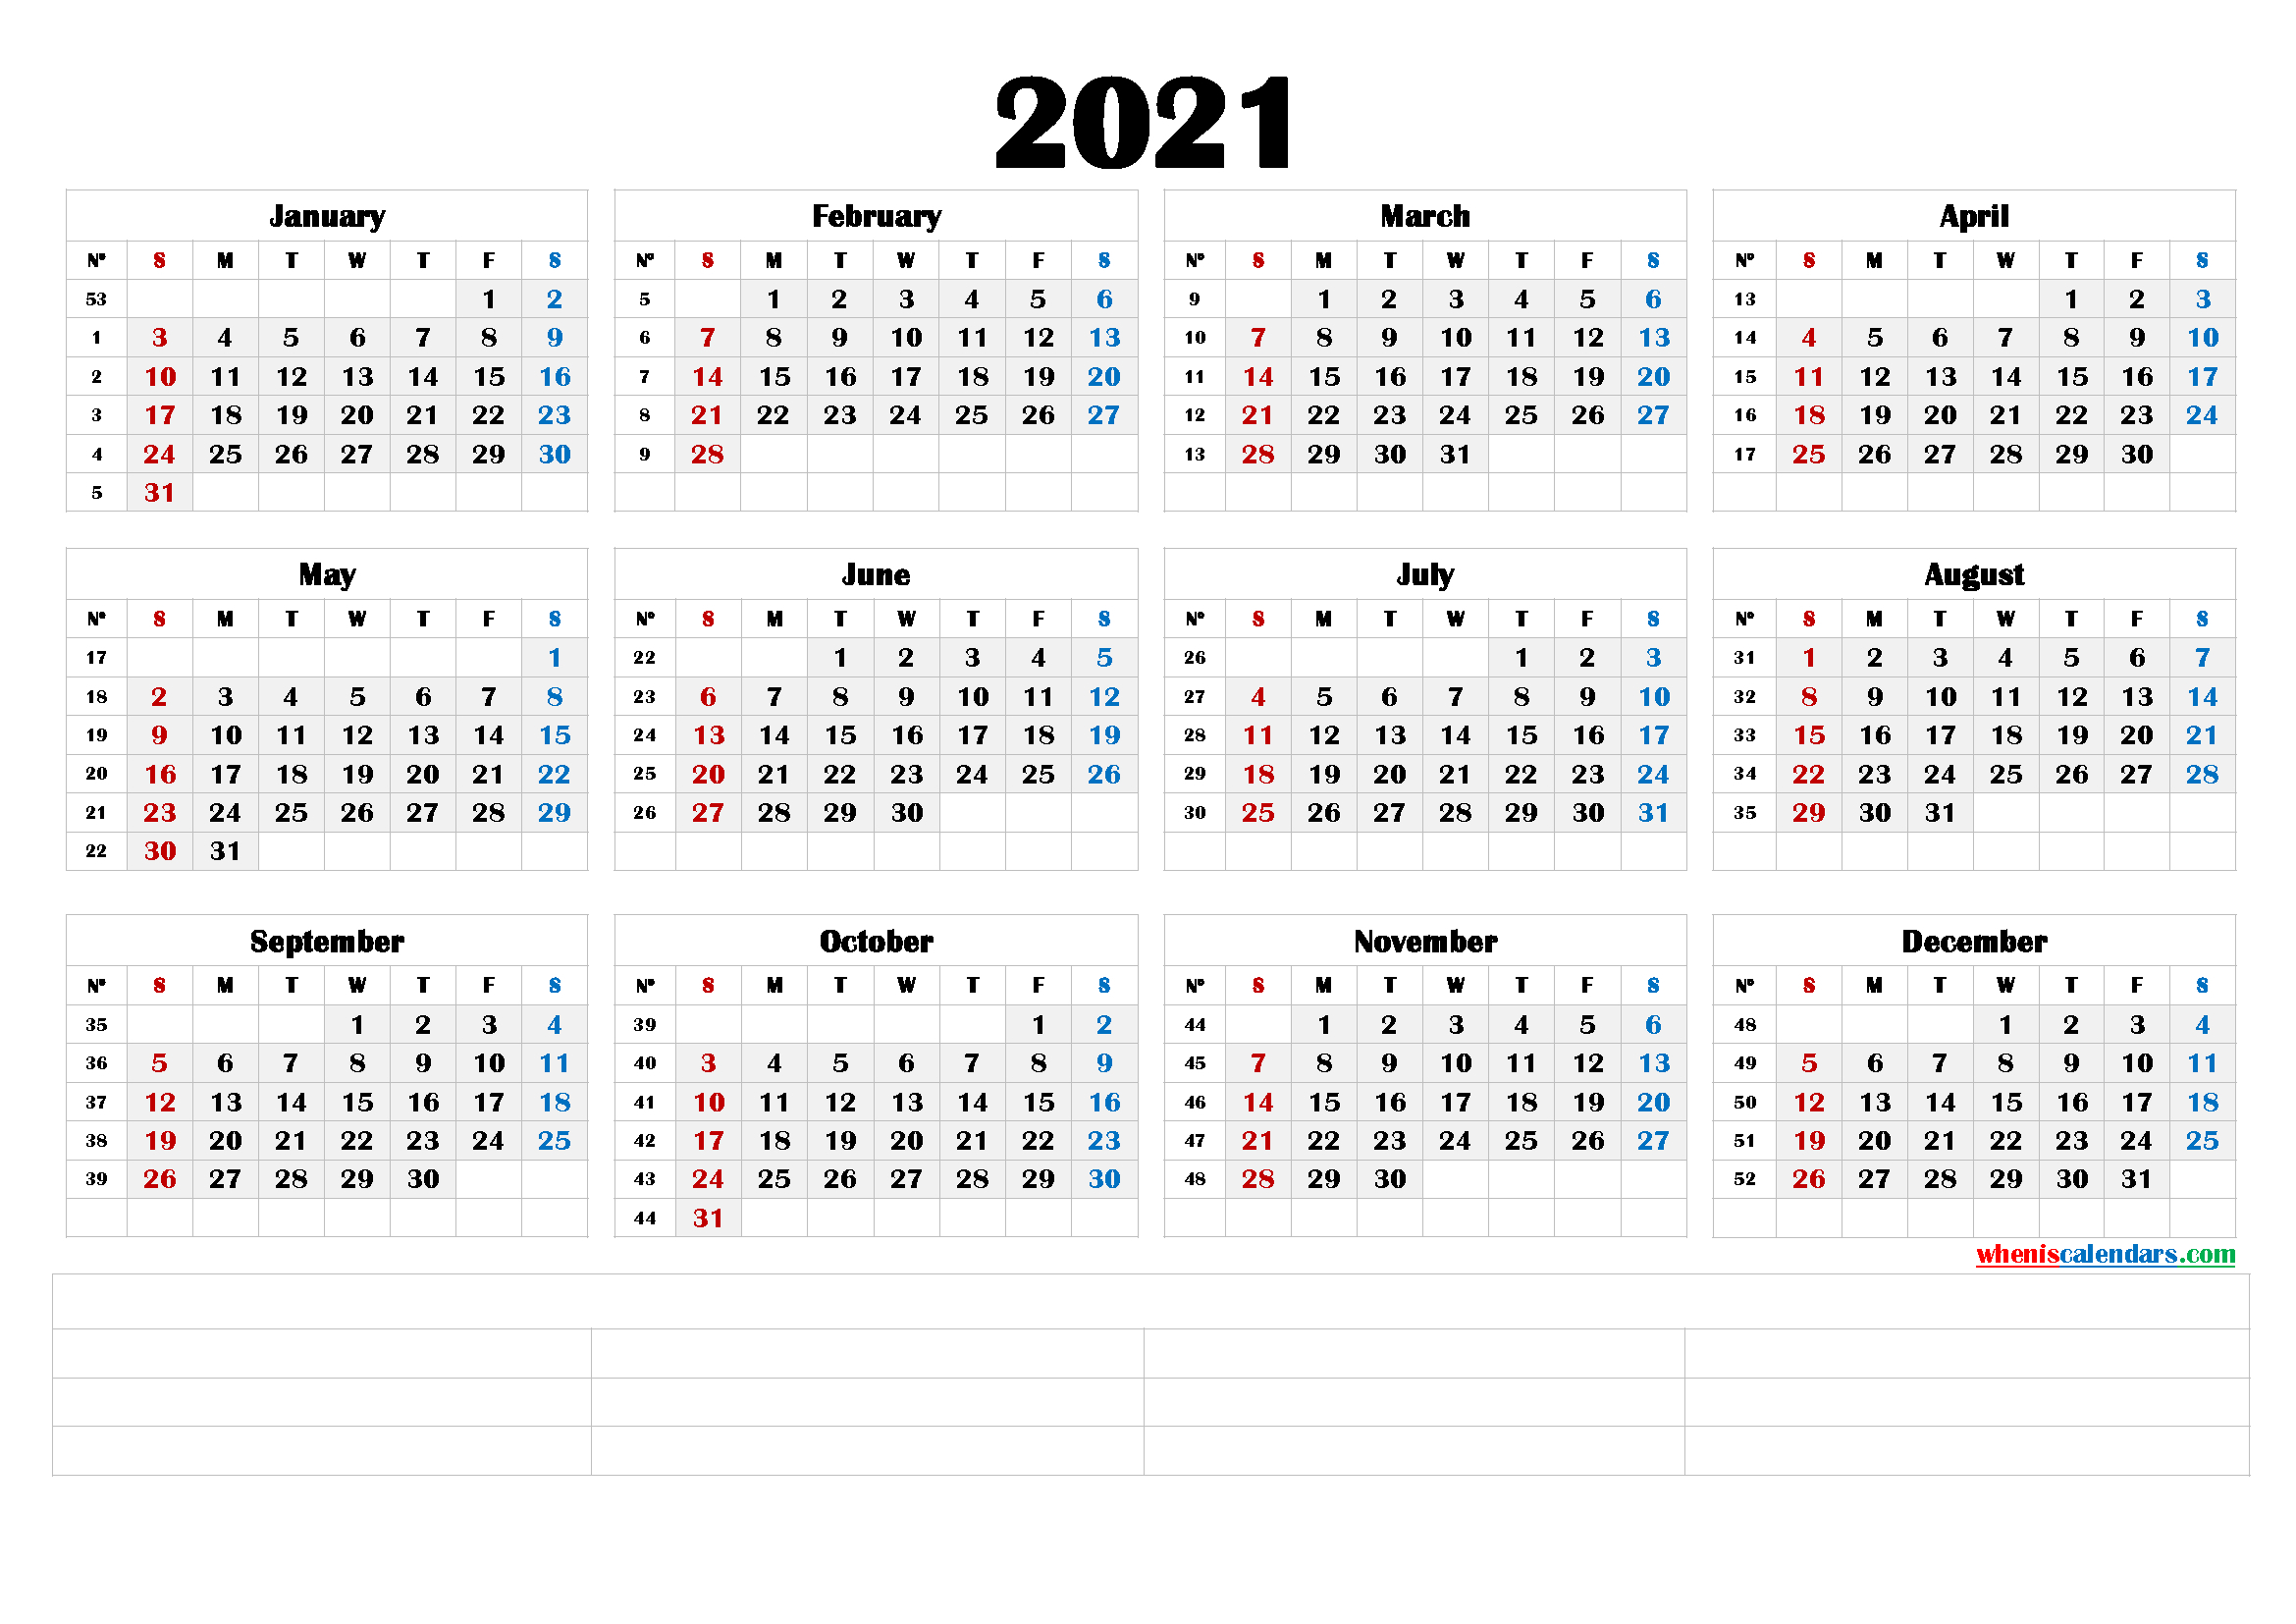 2021 Calendar With Week Number Printable Free : Week